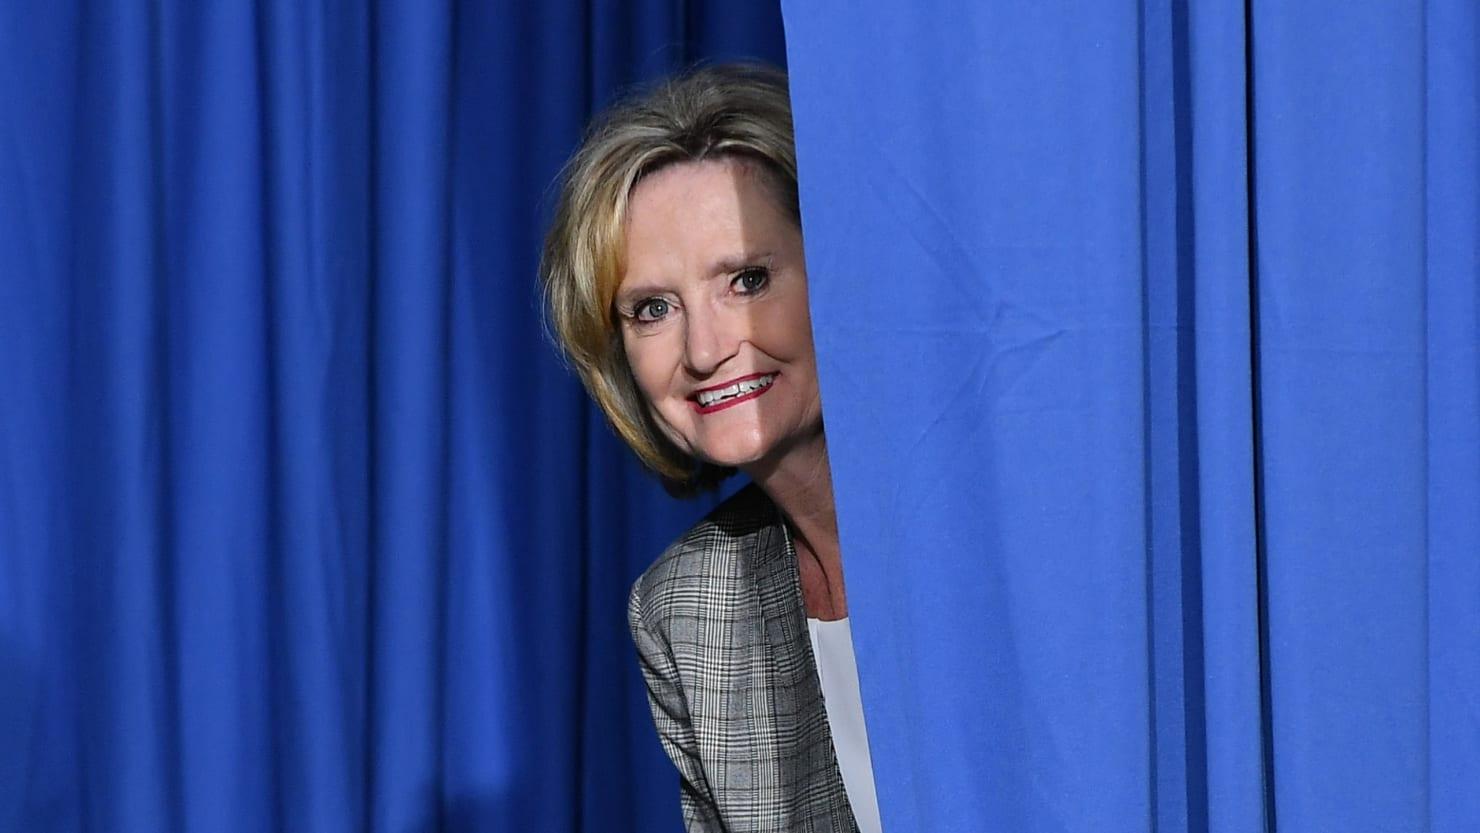 Republican Senator Cindy Hyde-Smith Calls Voter Suppression a 'Great Idea'